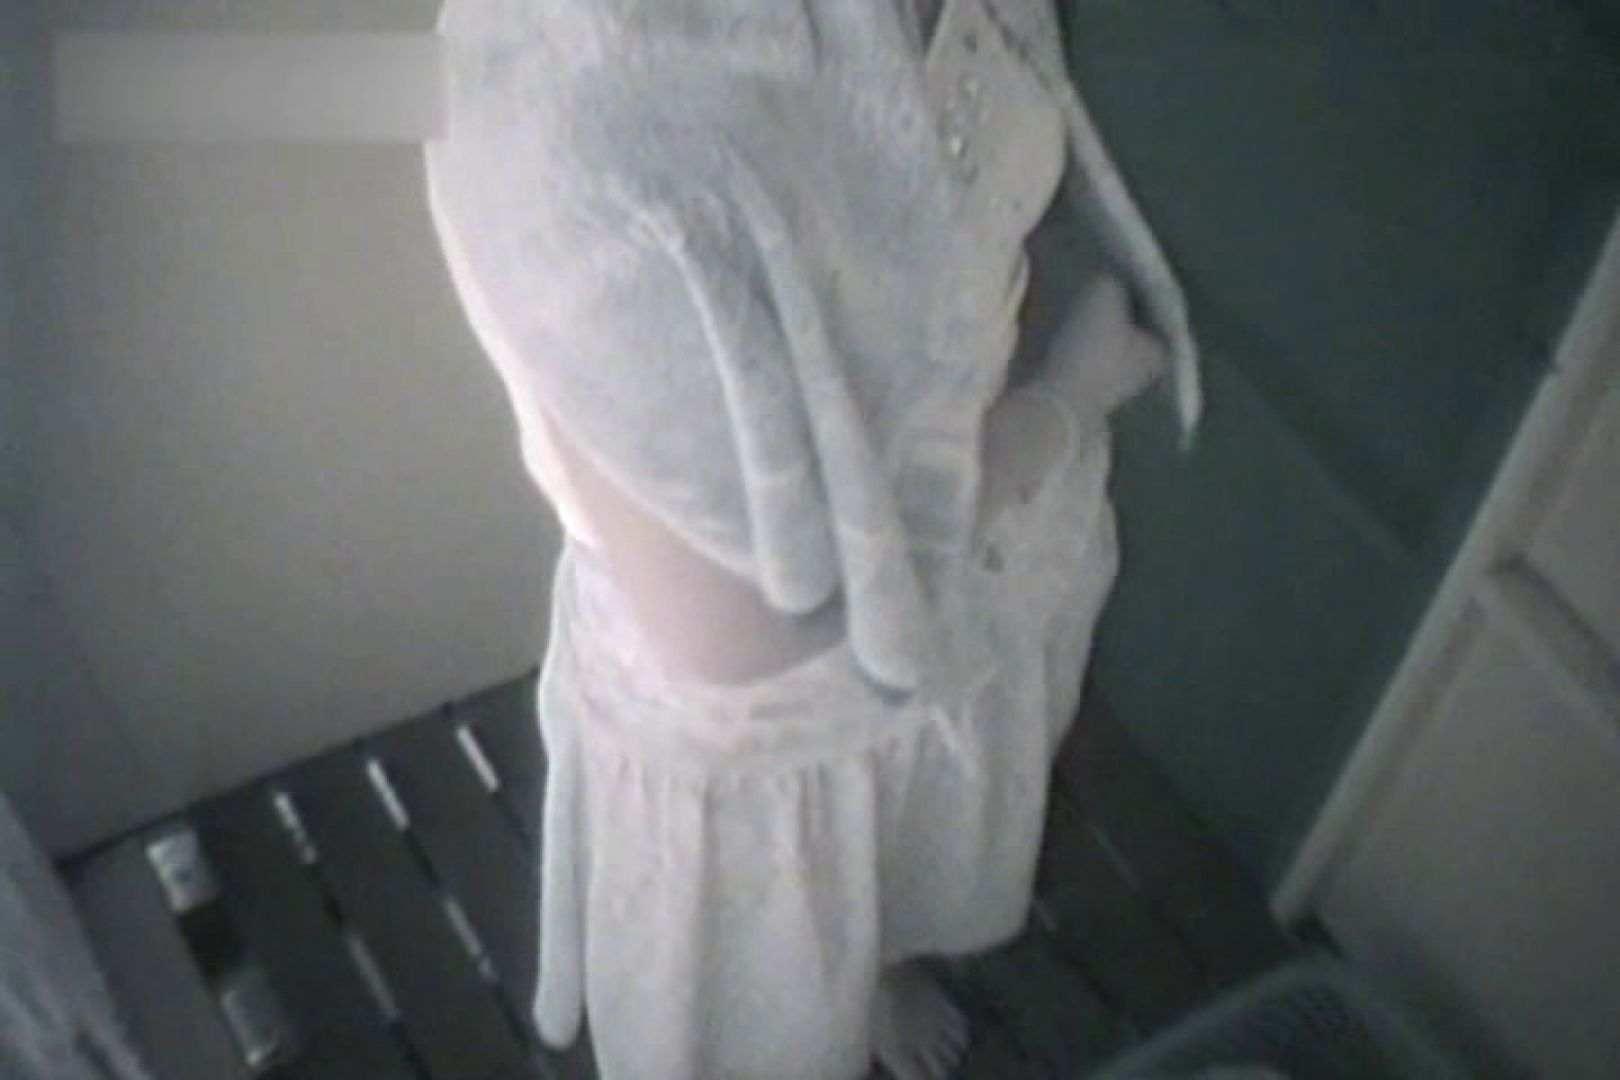 夏海シャワー室!ベトベトお肌をサラサラに!VOL.01 覗き 盗撮画像 55画像 17